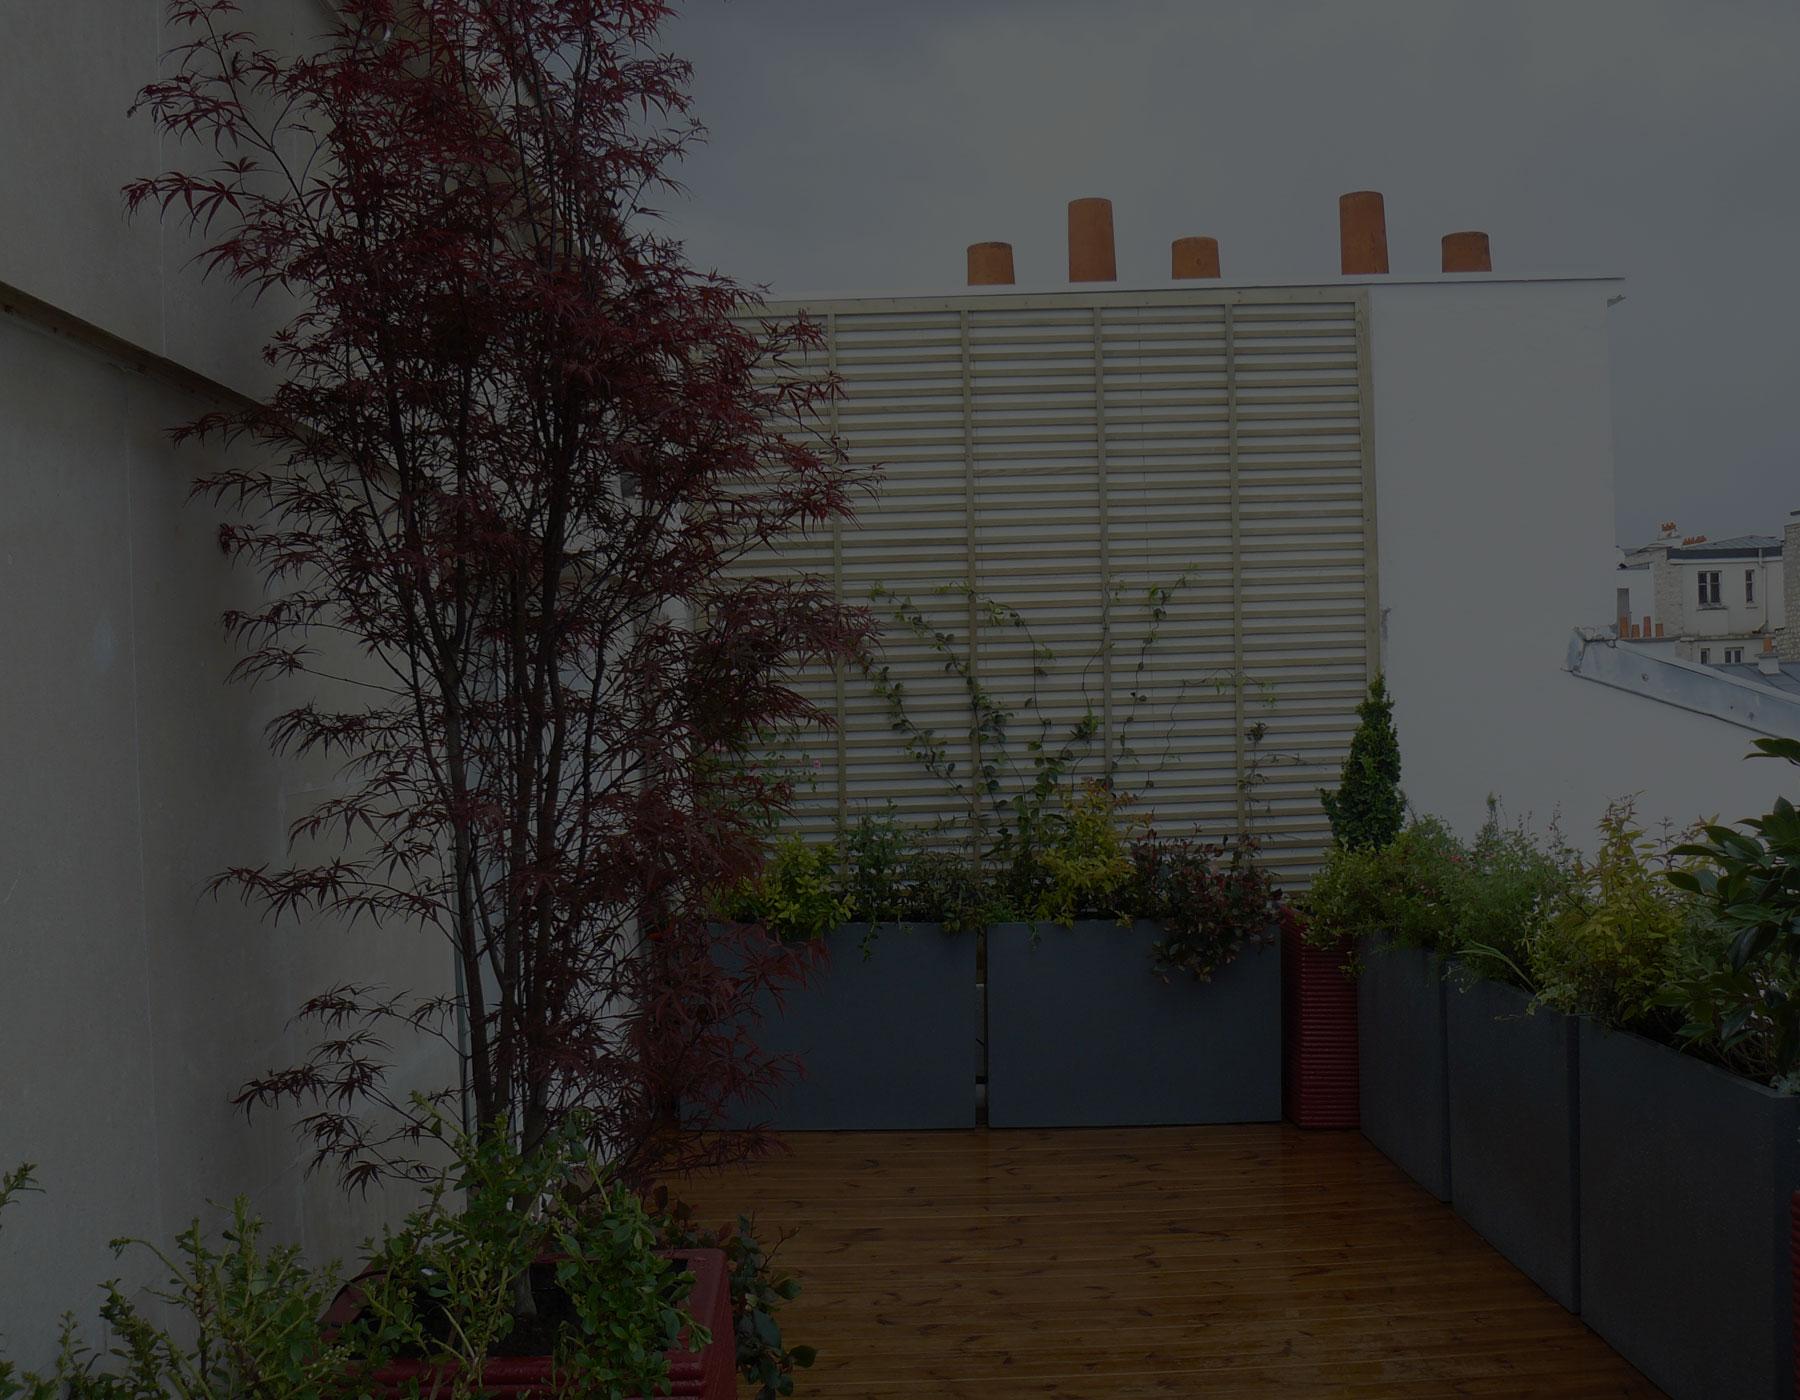 Paysagiste paris 10 cr ation am nagement jardin boulogne billancourt - Deco jardin mineral boulogne billancourt ...